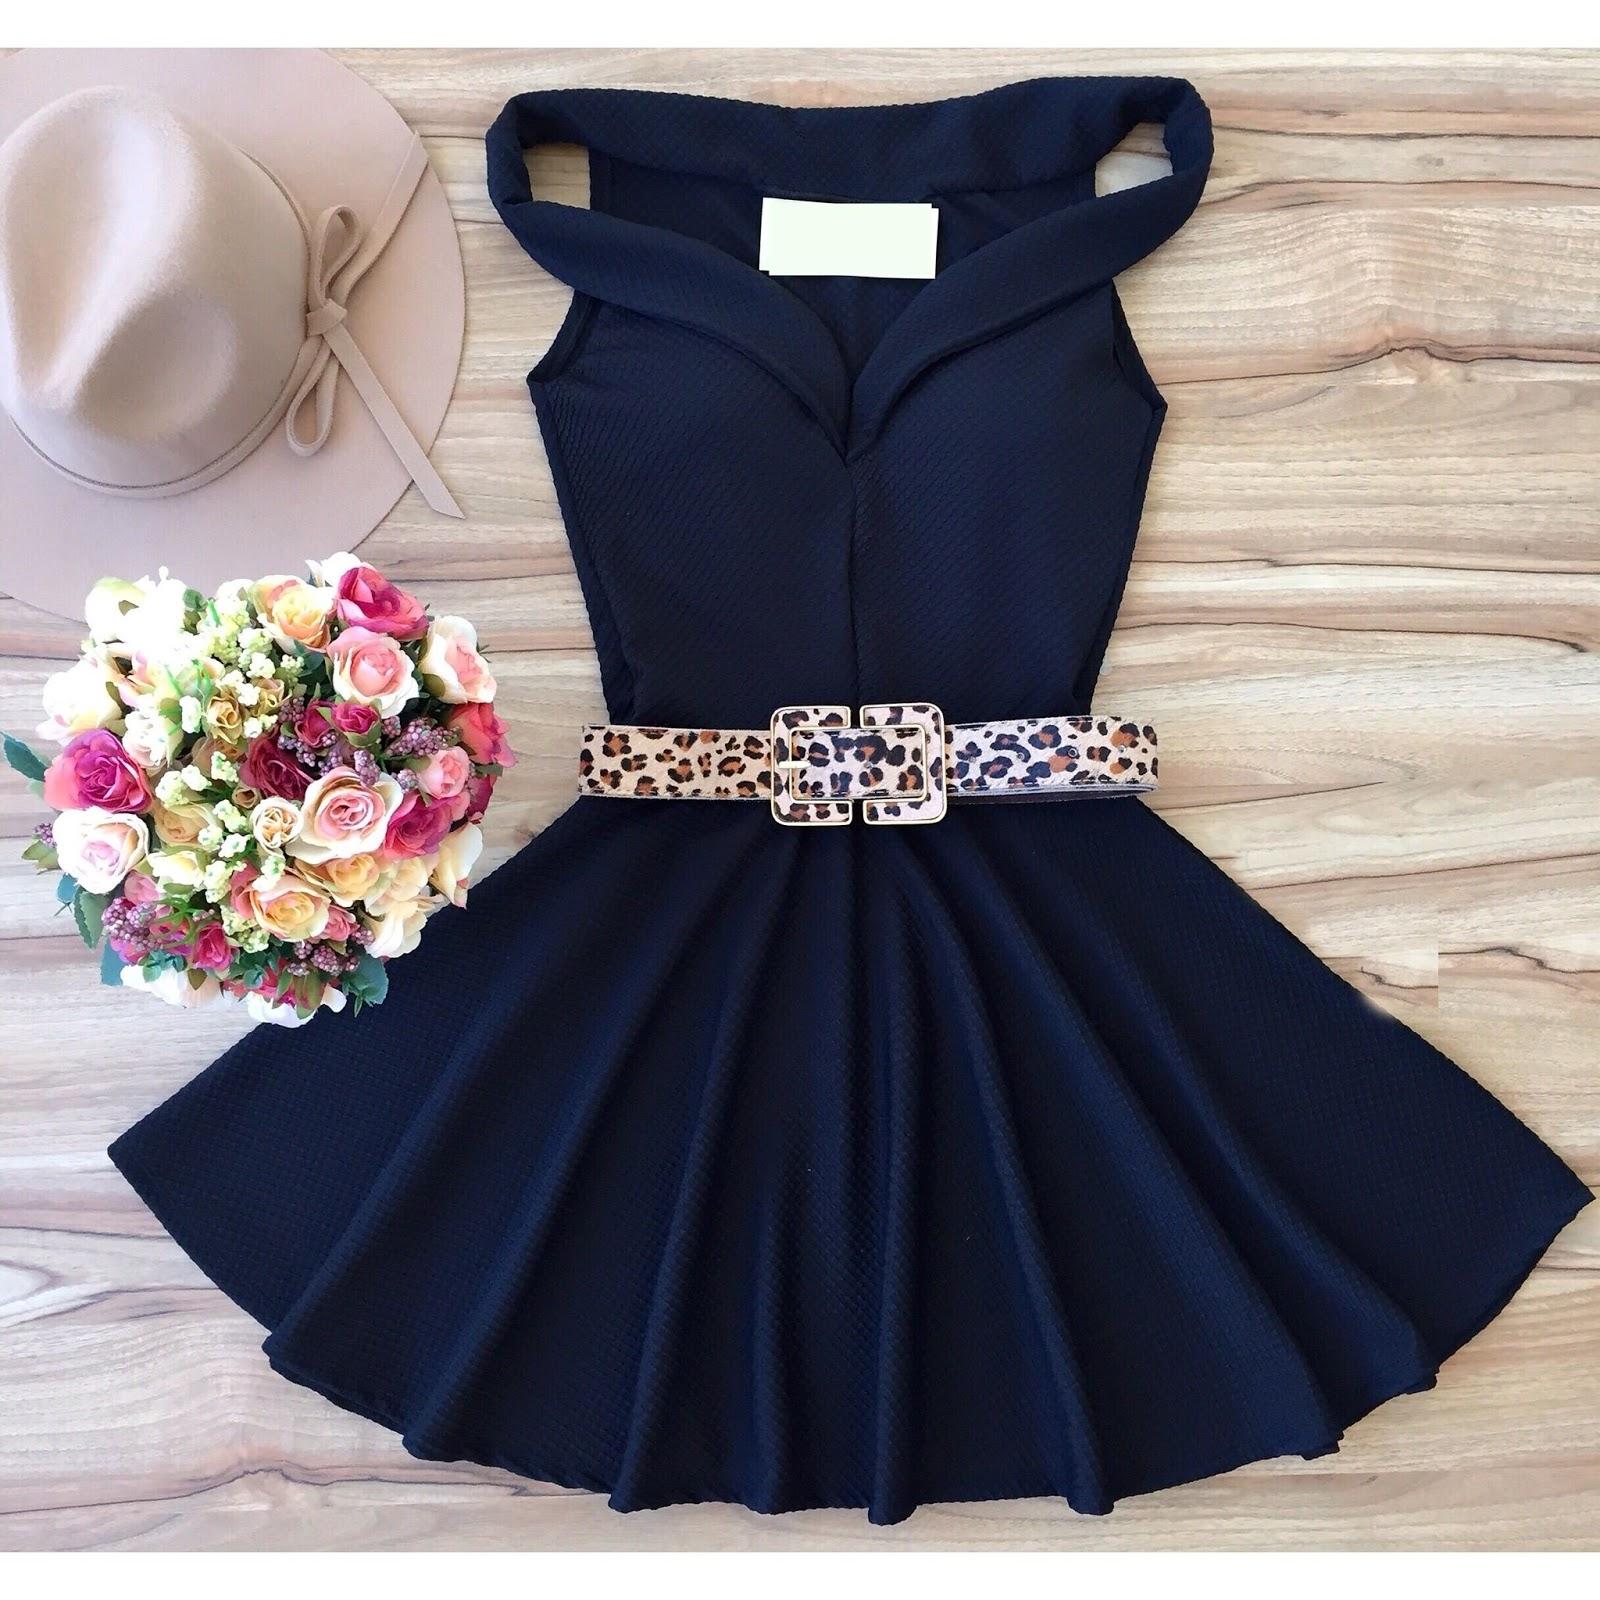 Fotos de vestidos simples bonitos